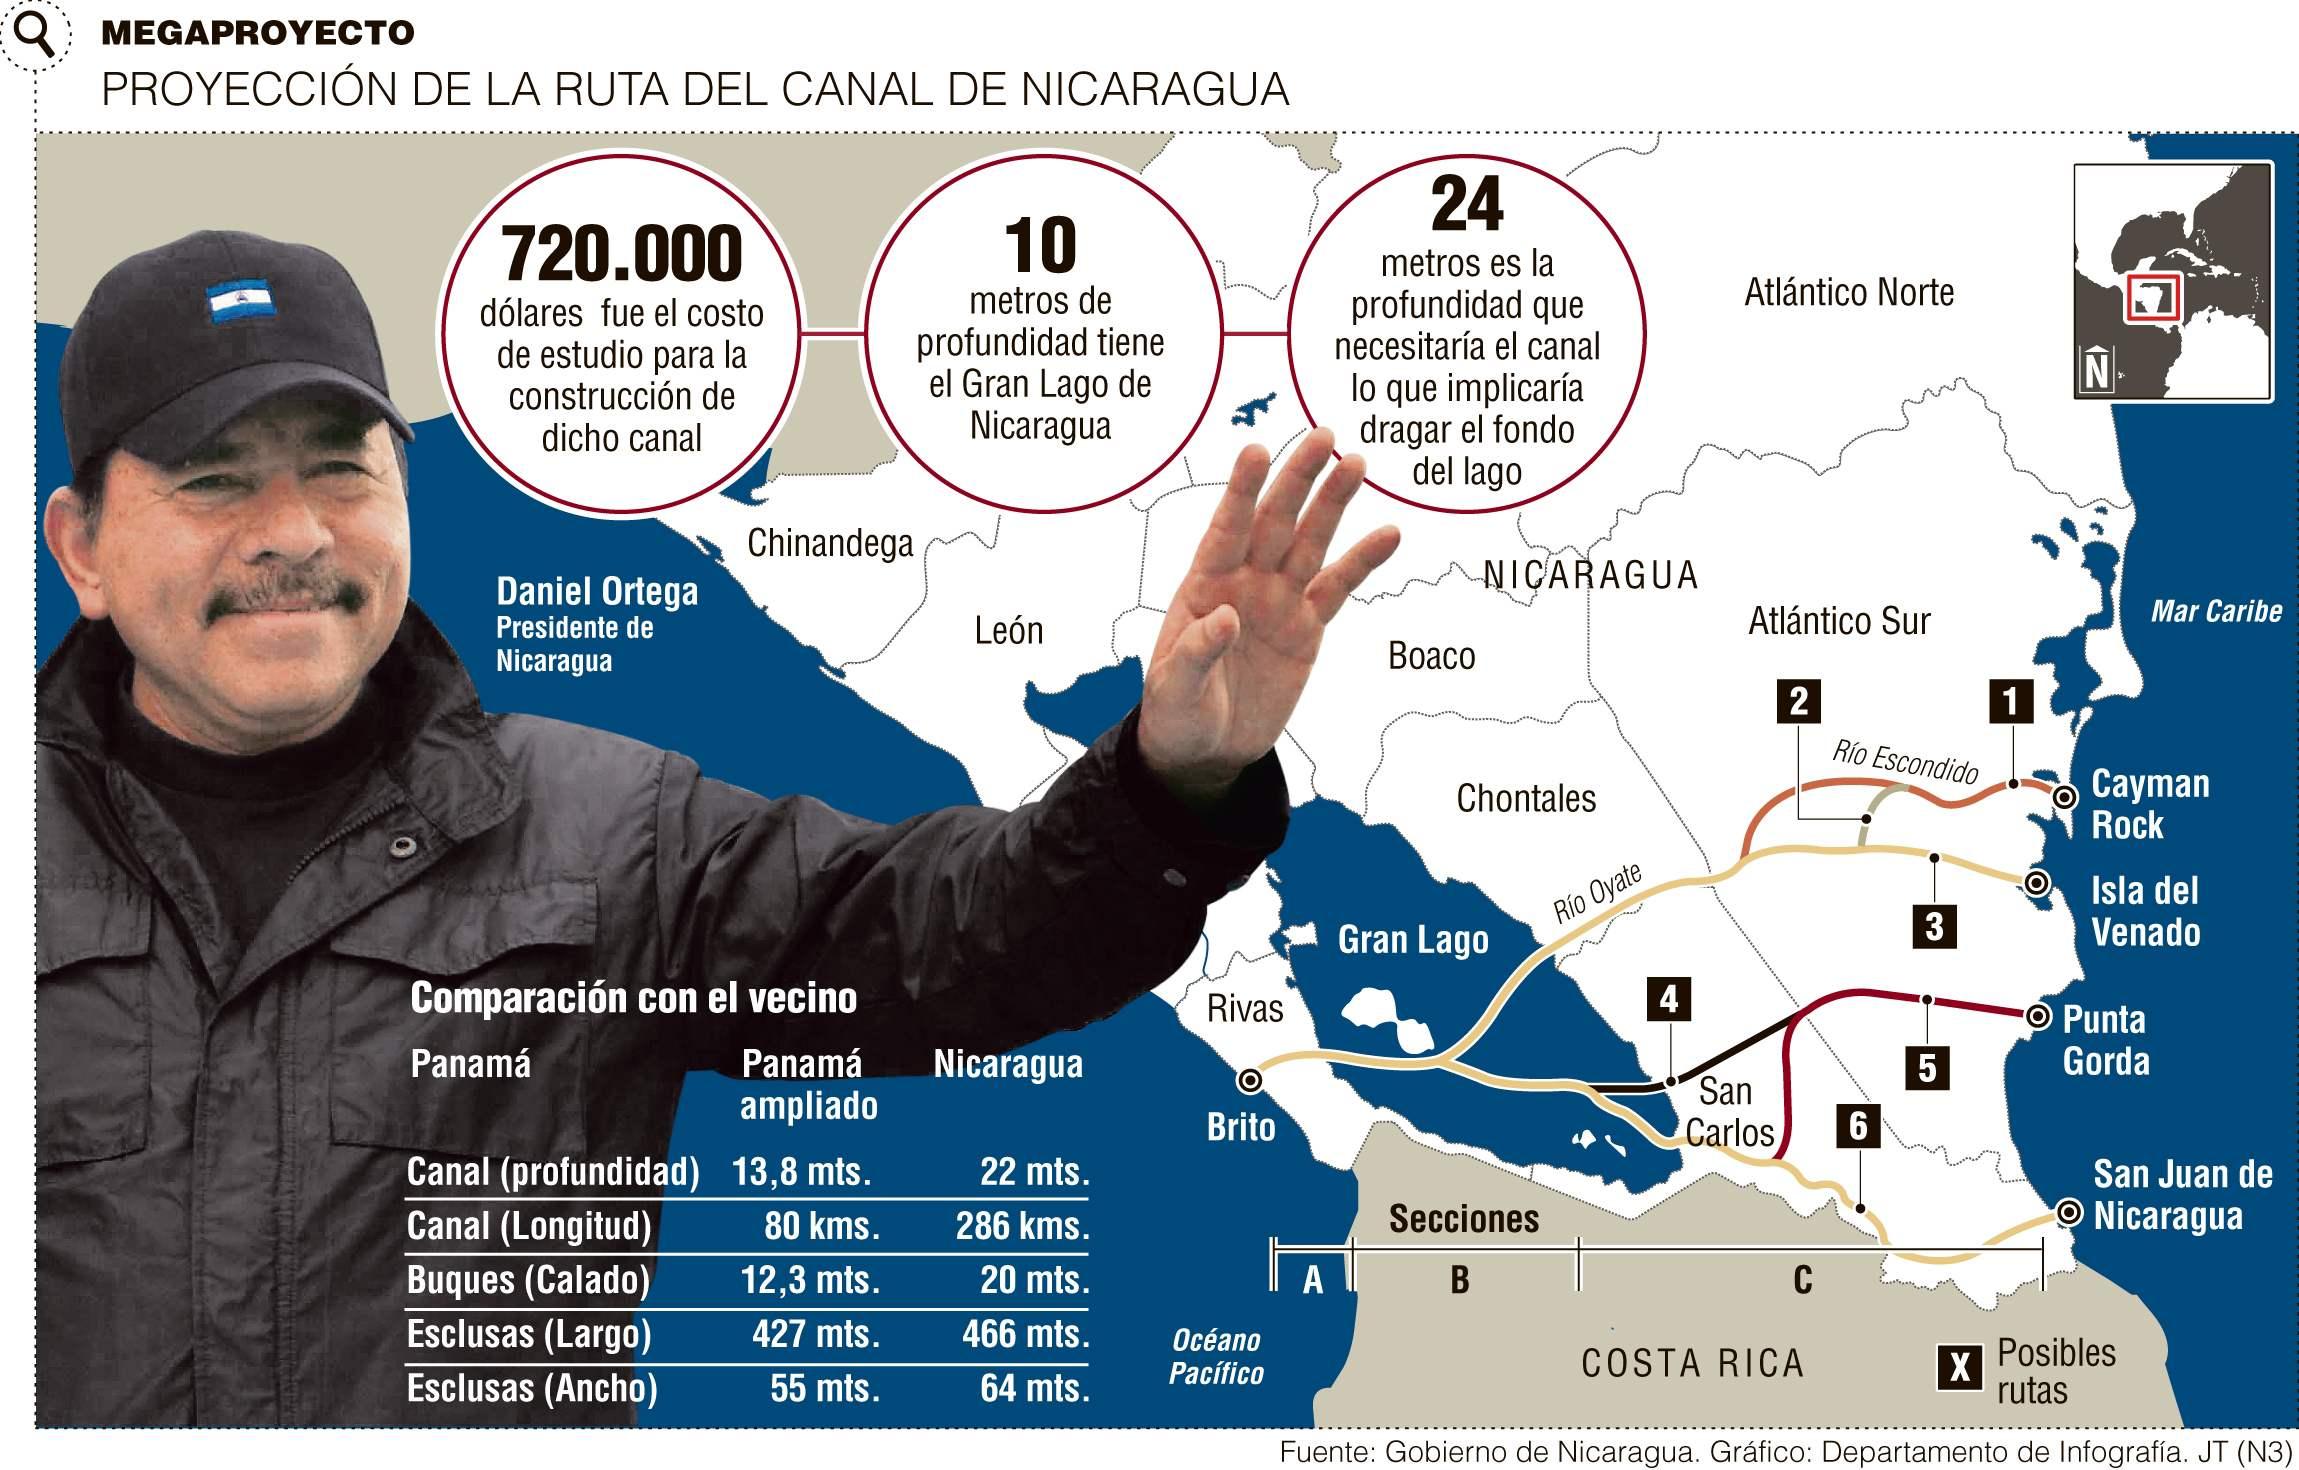 Fuente: Gobierno de Nicaragua